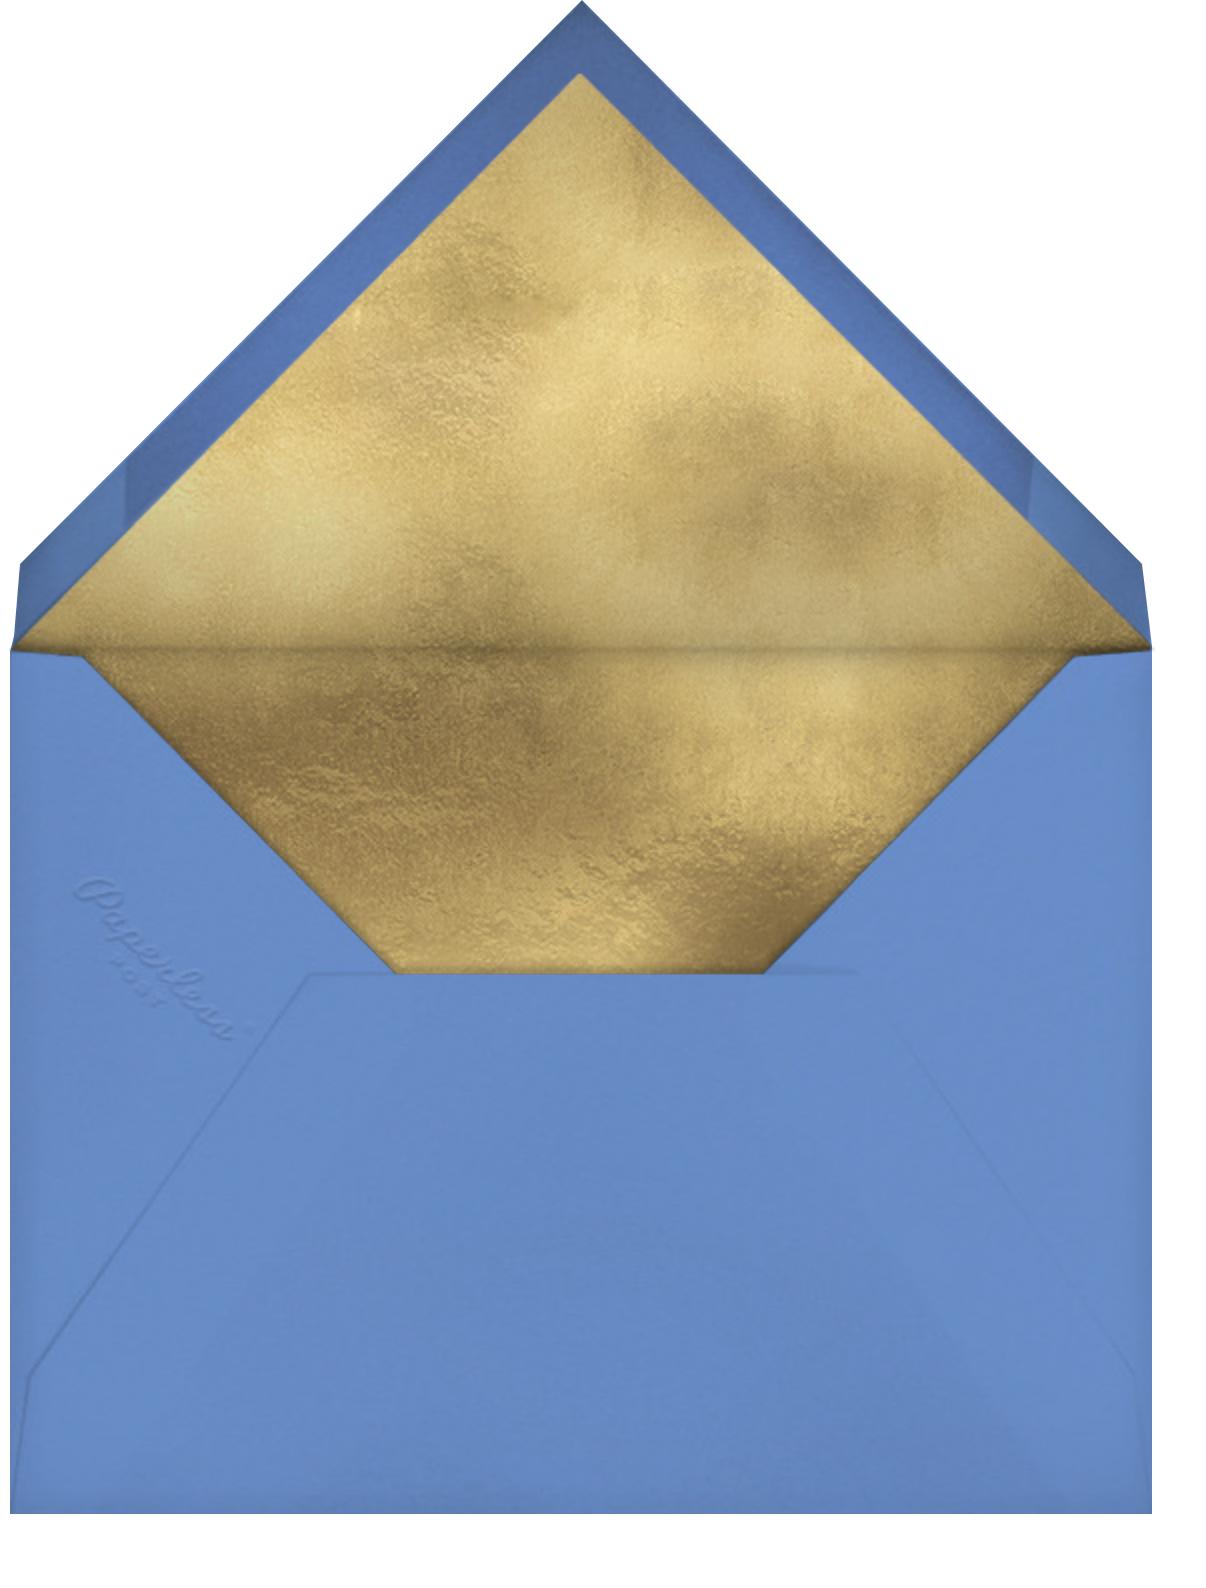 Poseidon - Jonathan Adler - Reception - envelope back